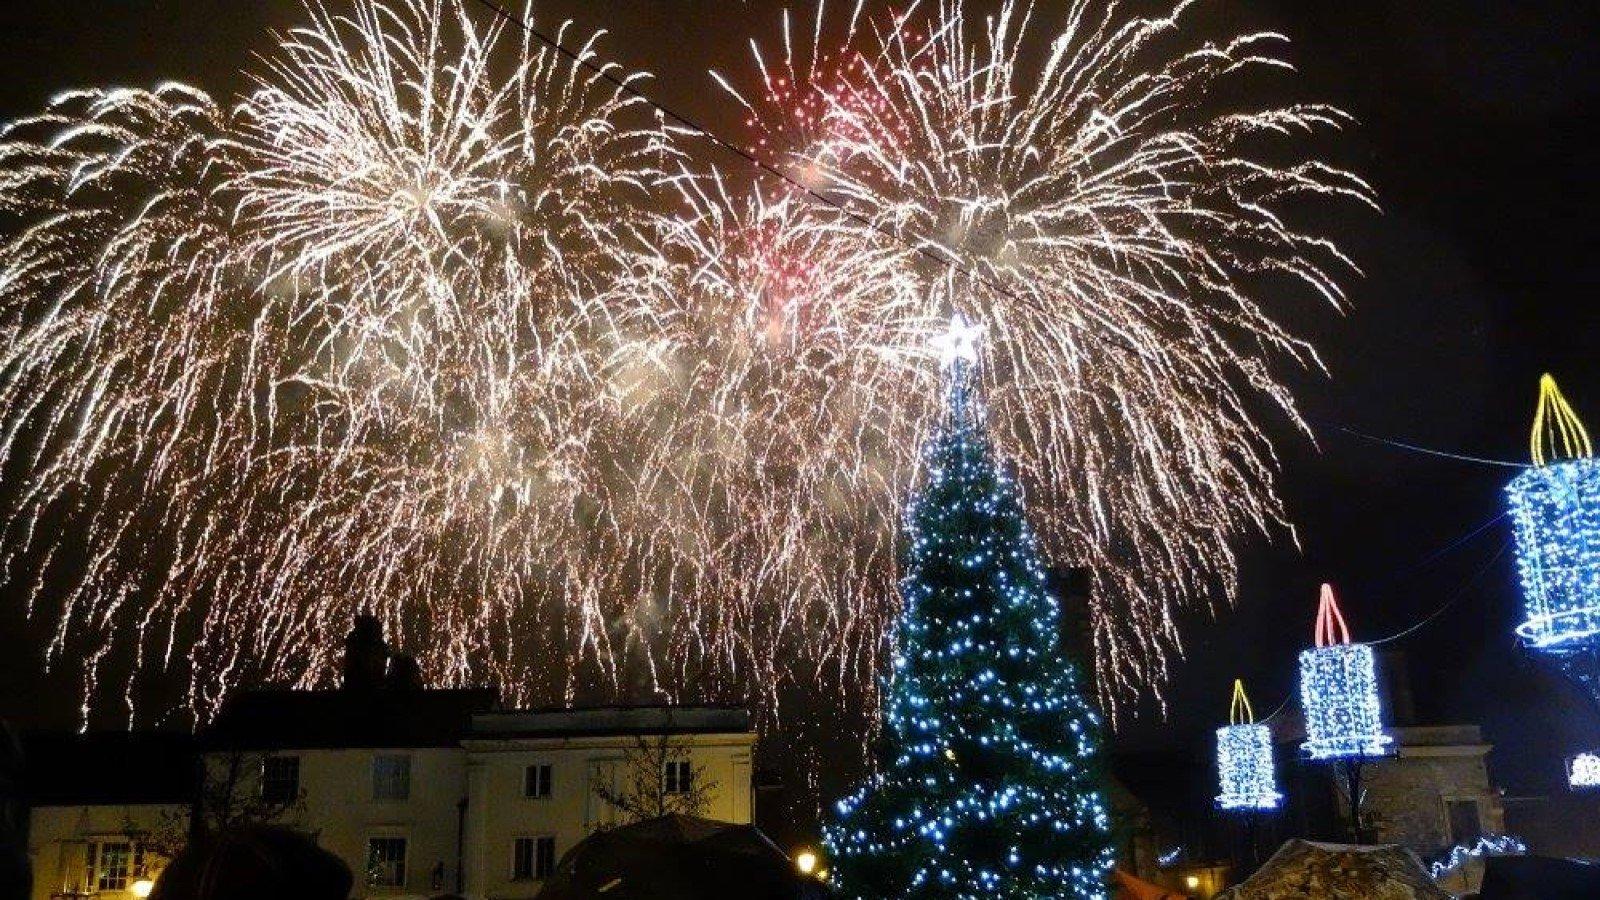 Abingdon Christmas Extravaganza 2019